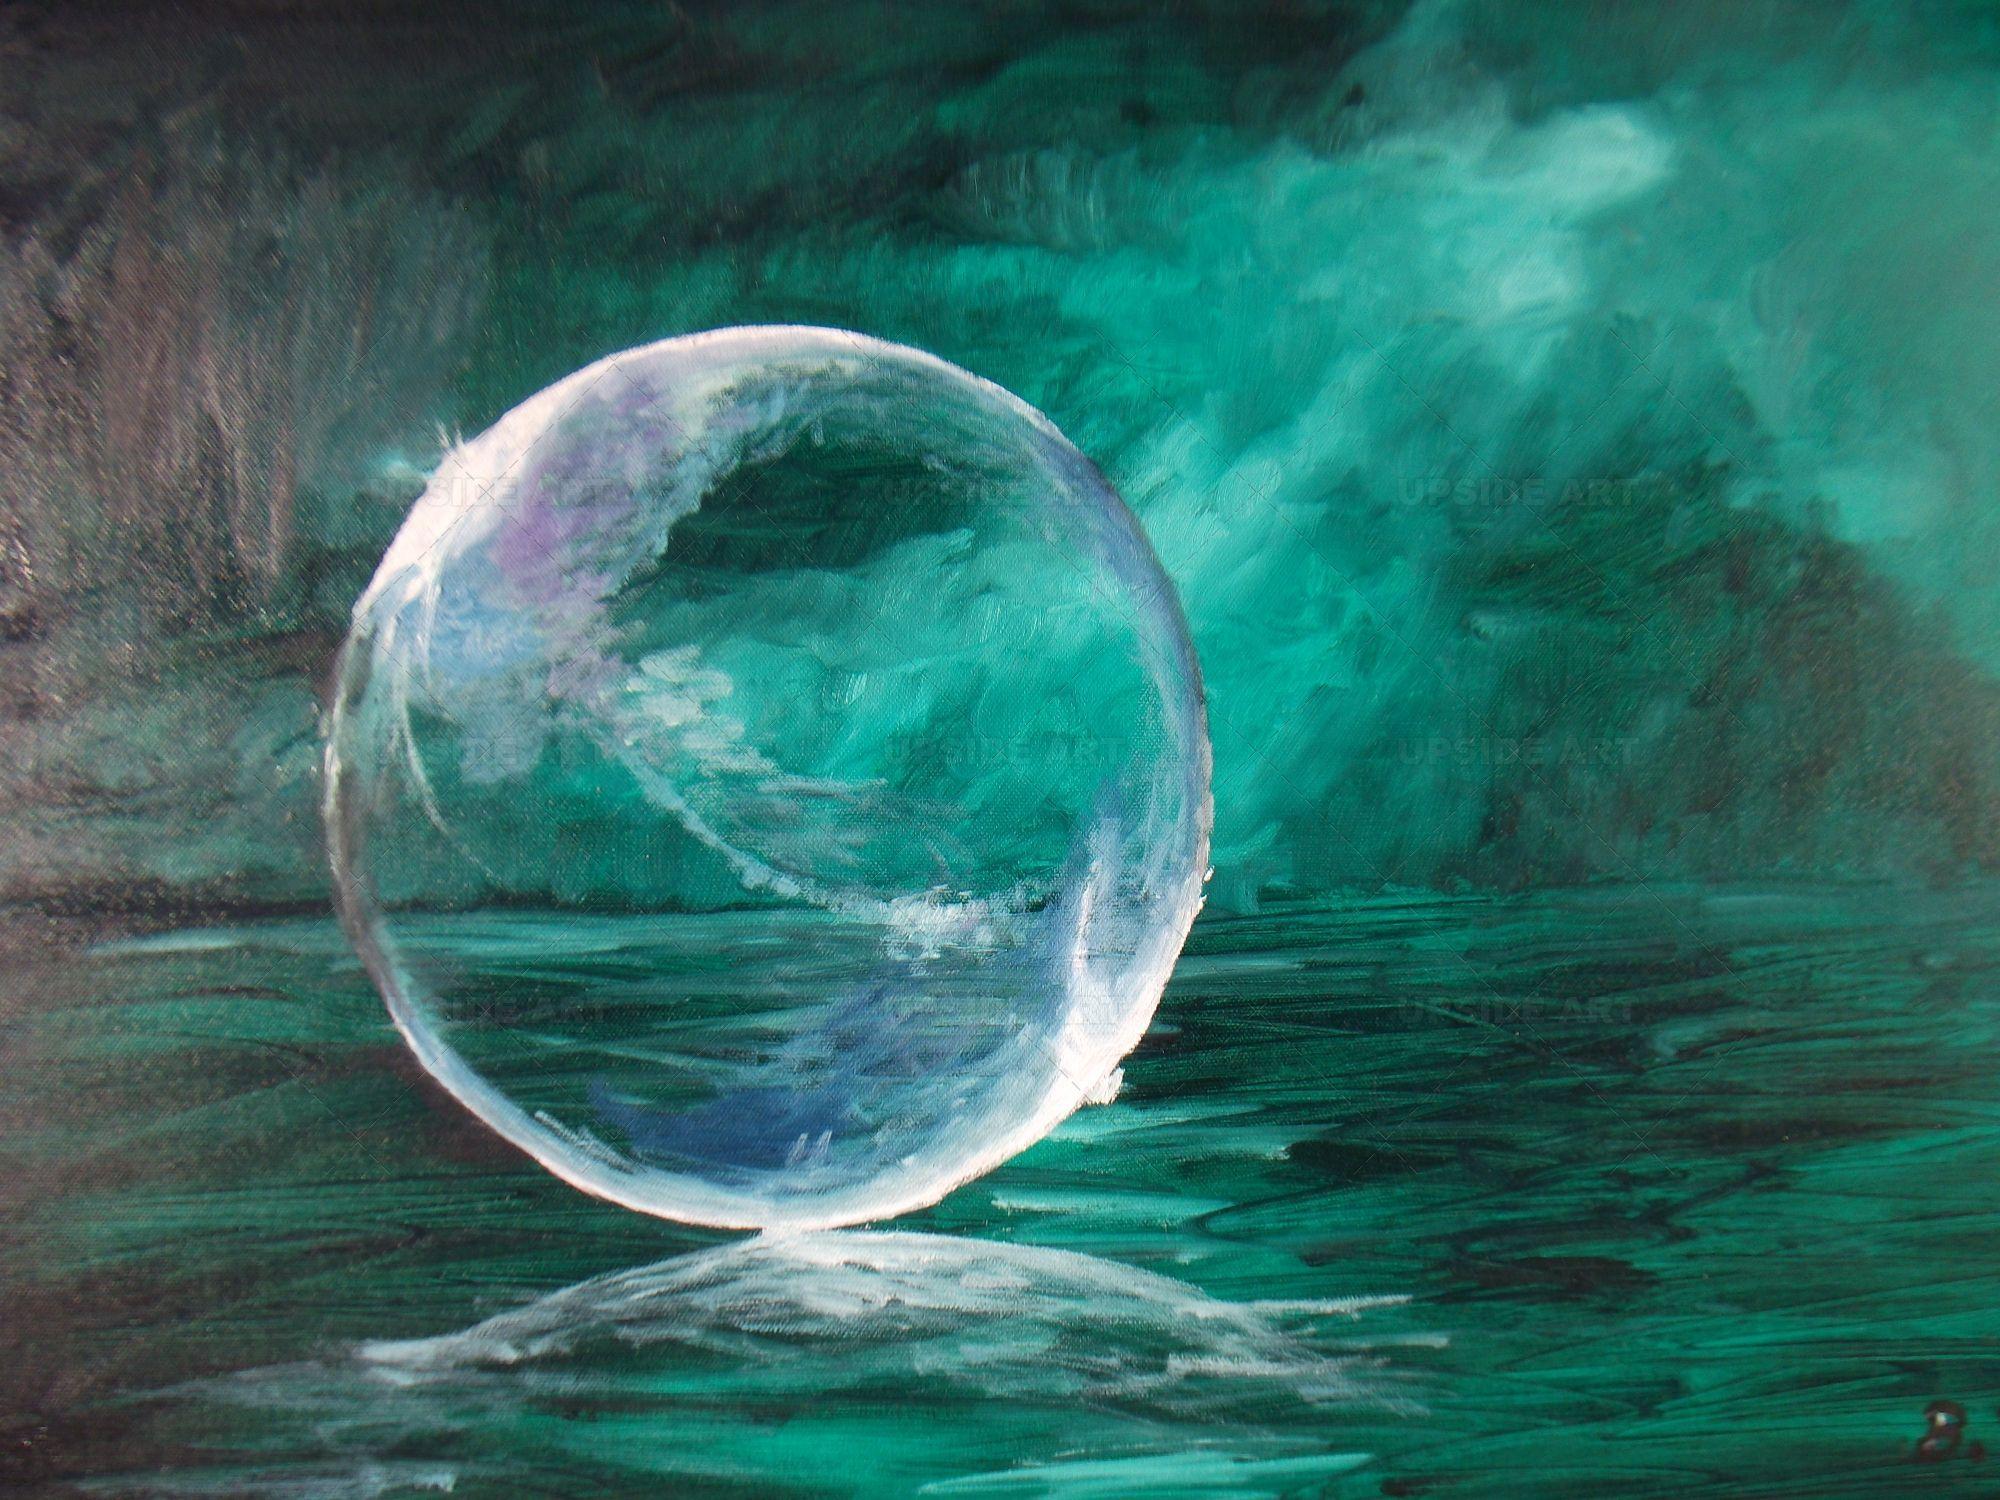 Afficher l'image d'origine   Tableau contemporain, Bulle de savon, Peinture